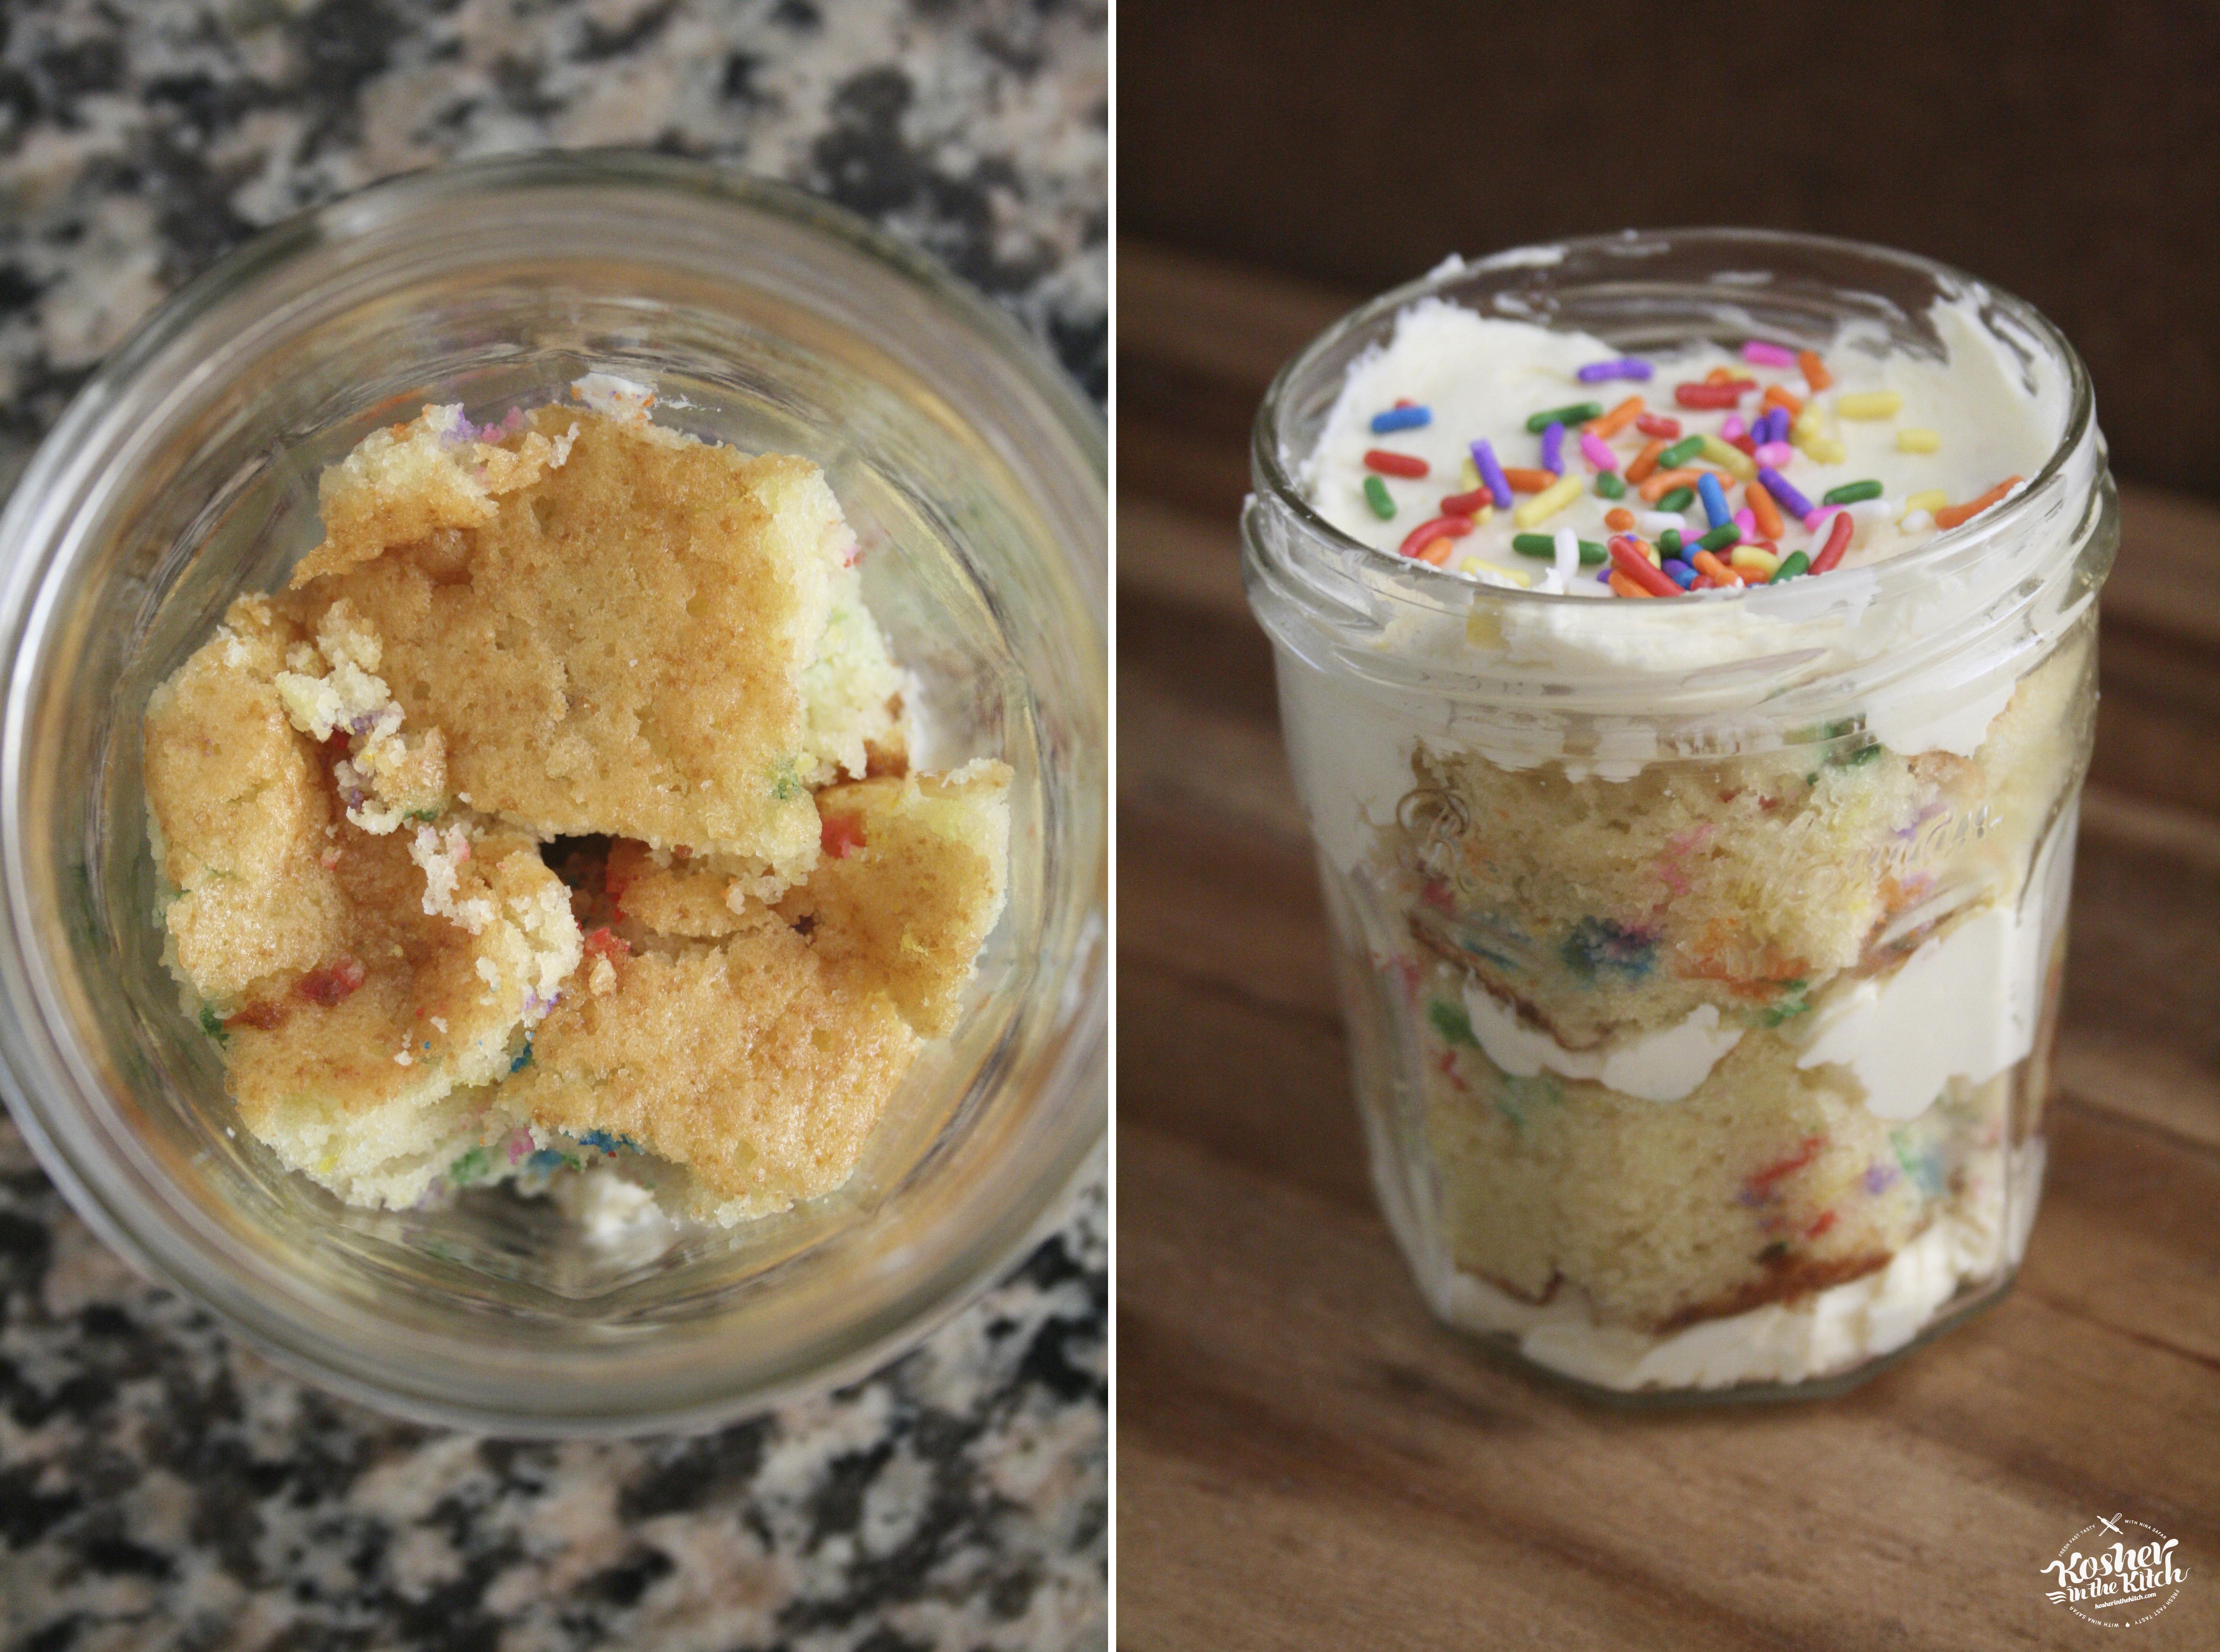 Funfetti Cake in a Jar